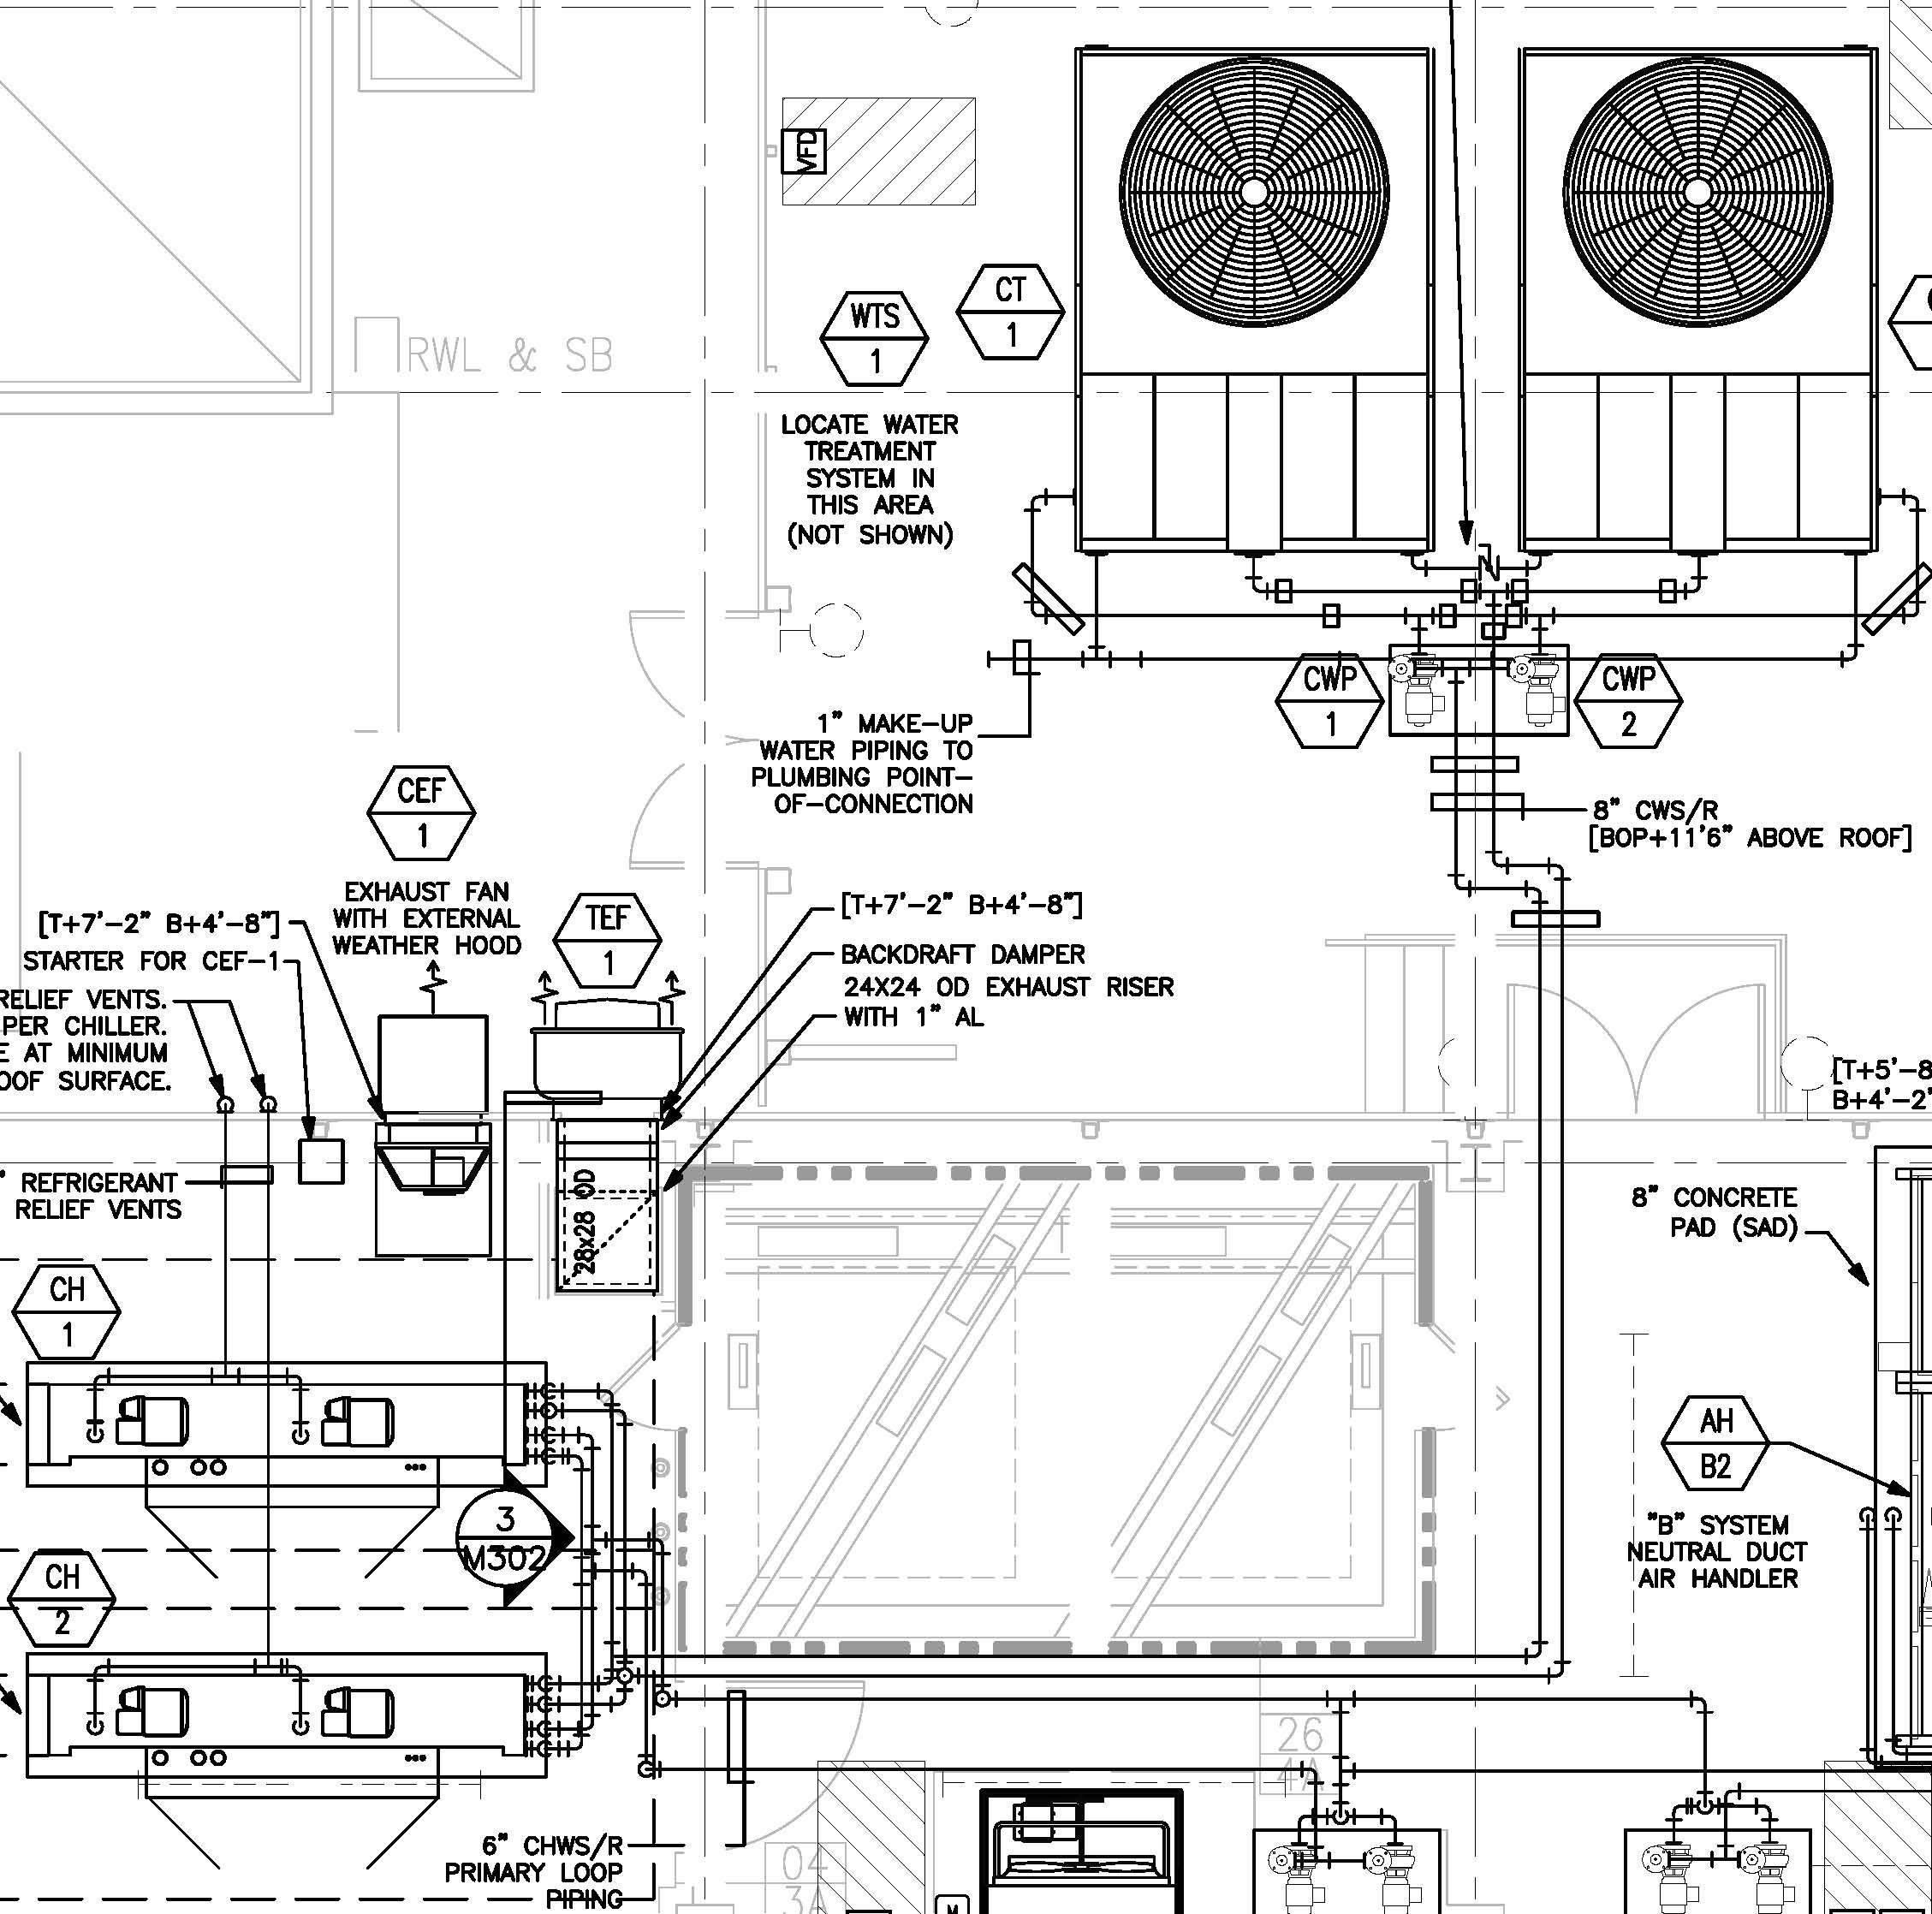 Broan Range Hood Wiring Diagram Bathroom Vent Fan Wiring Diagram New Wiring Diagram for Bathroom Fan Of Broan Range Hood Wiring Diagram